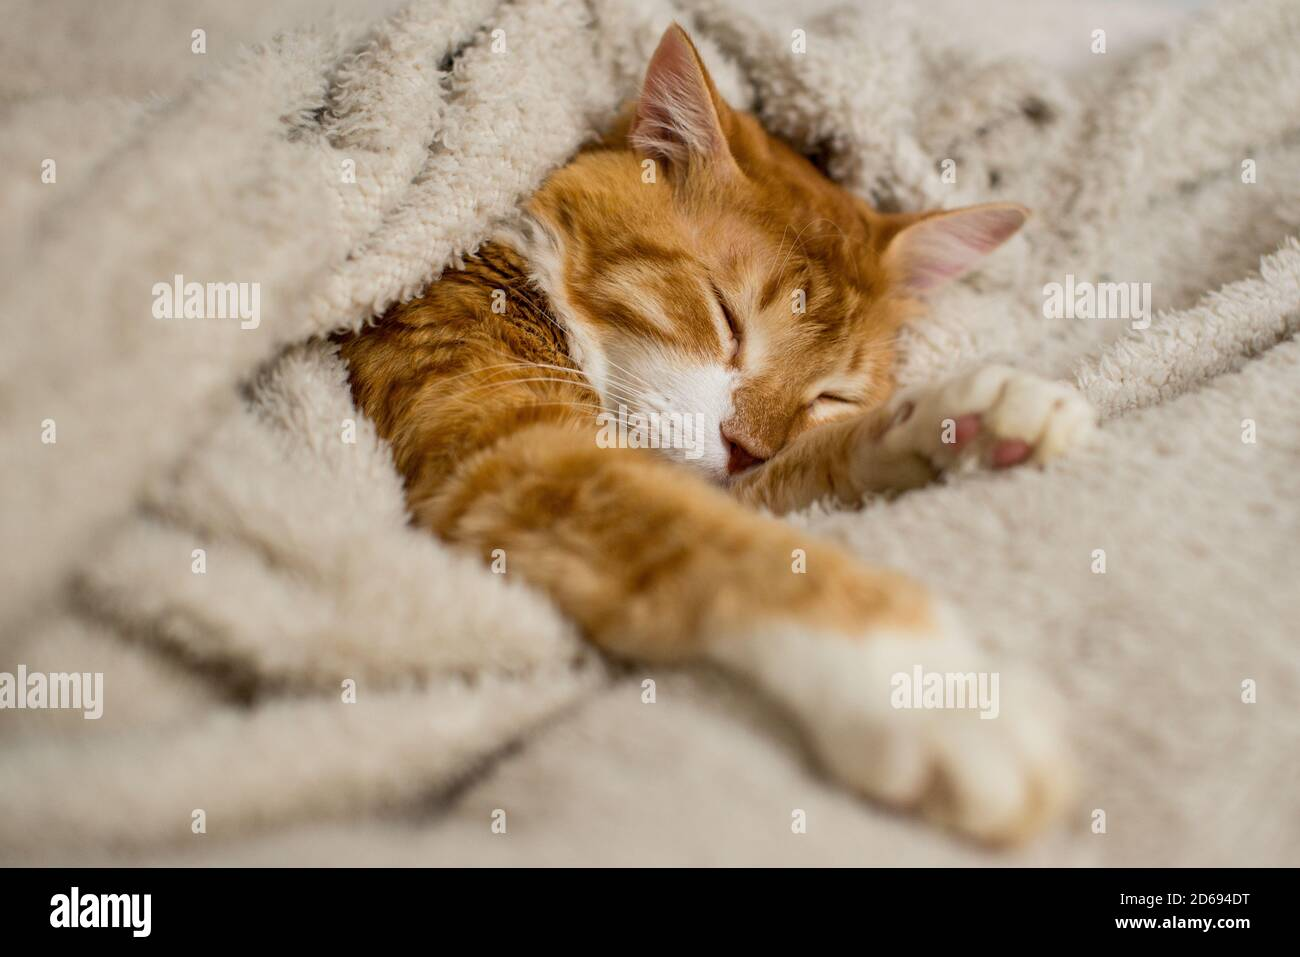 El gato de jengibre duerme en una manta blanca y esponjosa. El gatito de jengibre está descansando. Un hogar acogedor, el humor de otoño, un gato esponjoso. Gato durmiente de jengibre. Mascota esponjosa Foto de stock